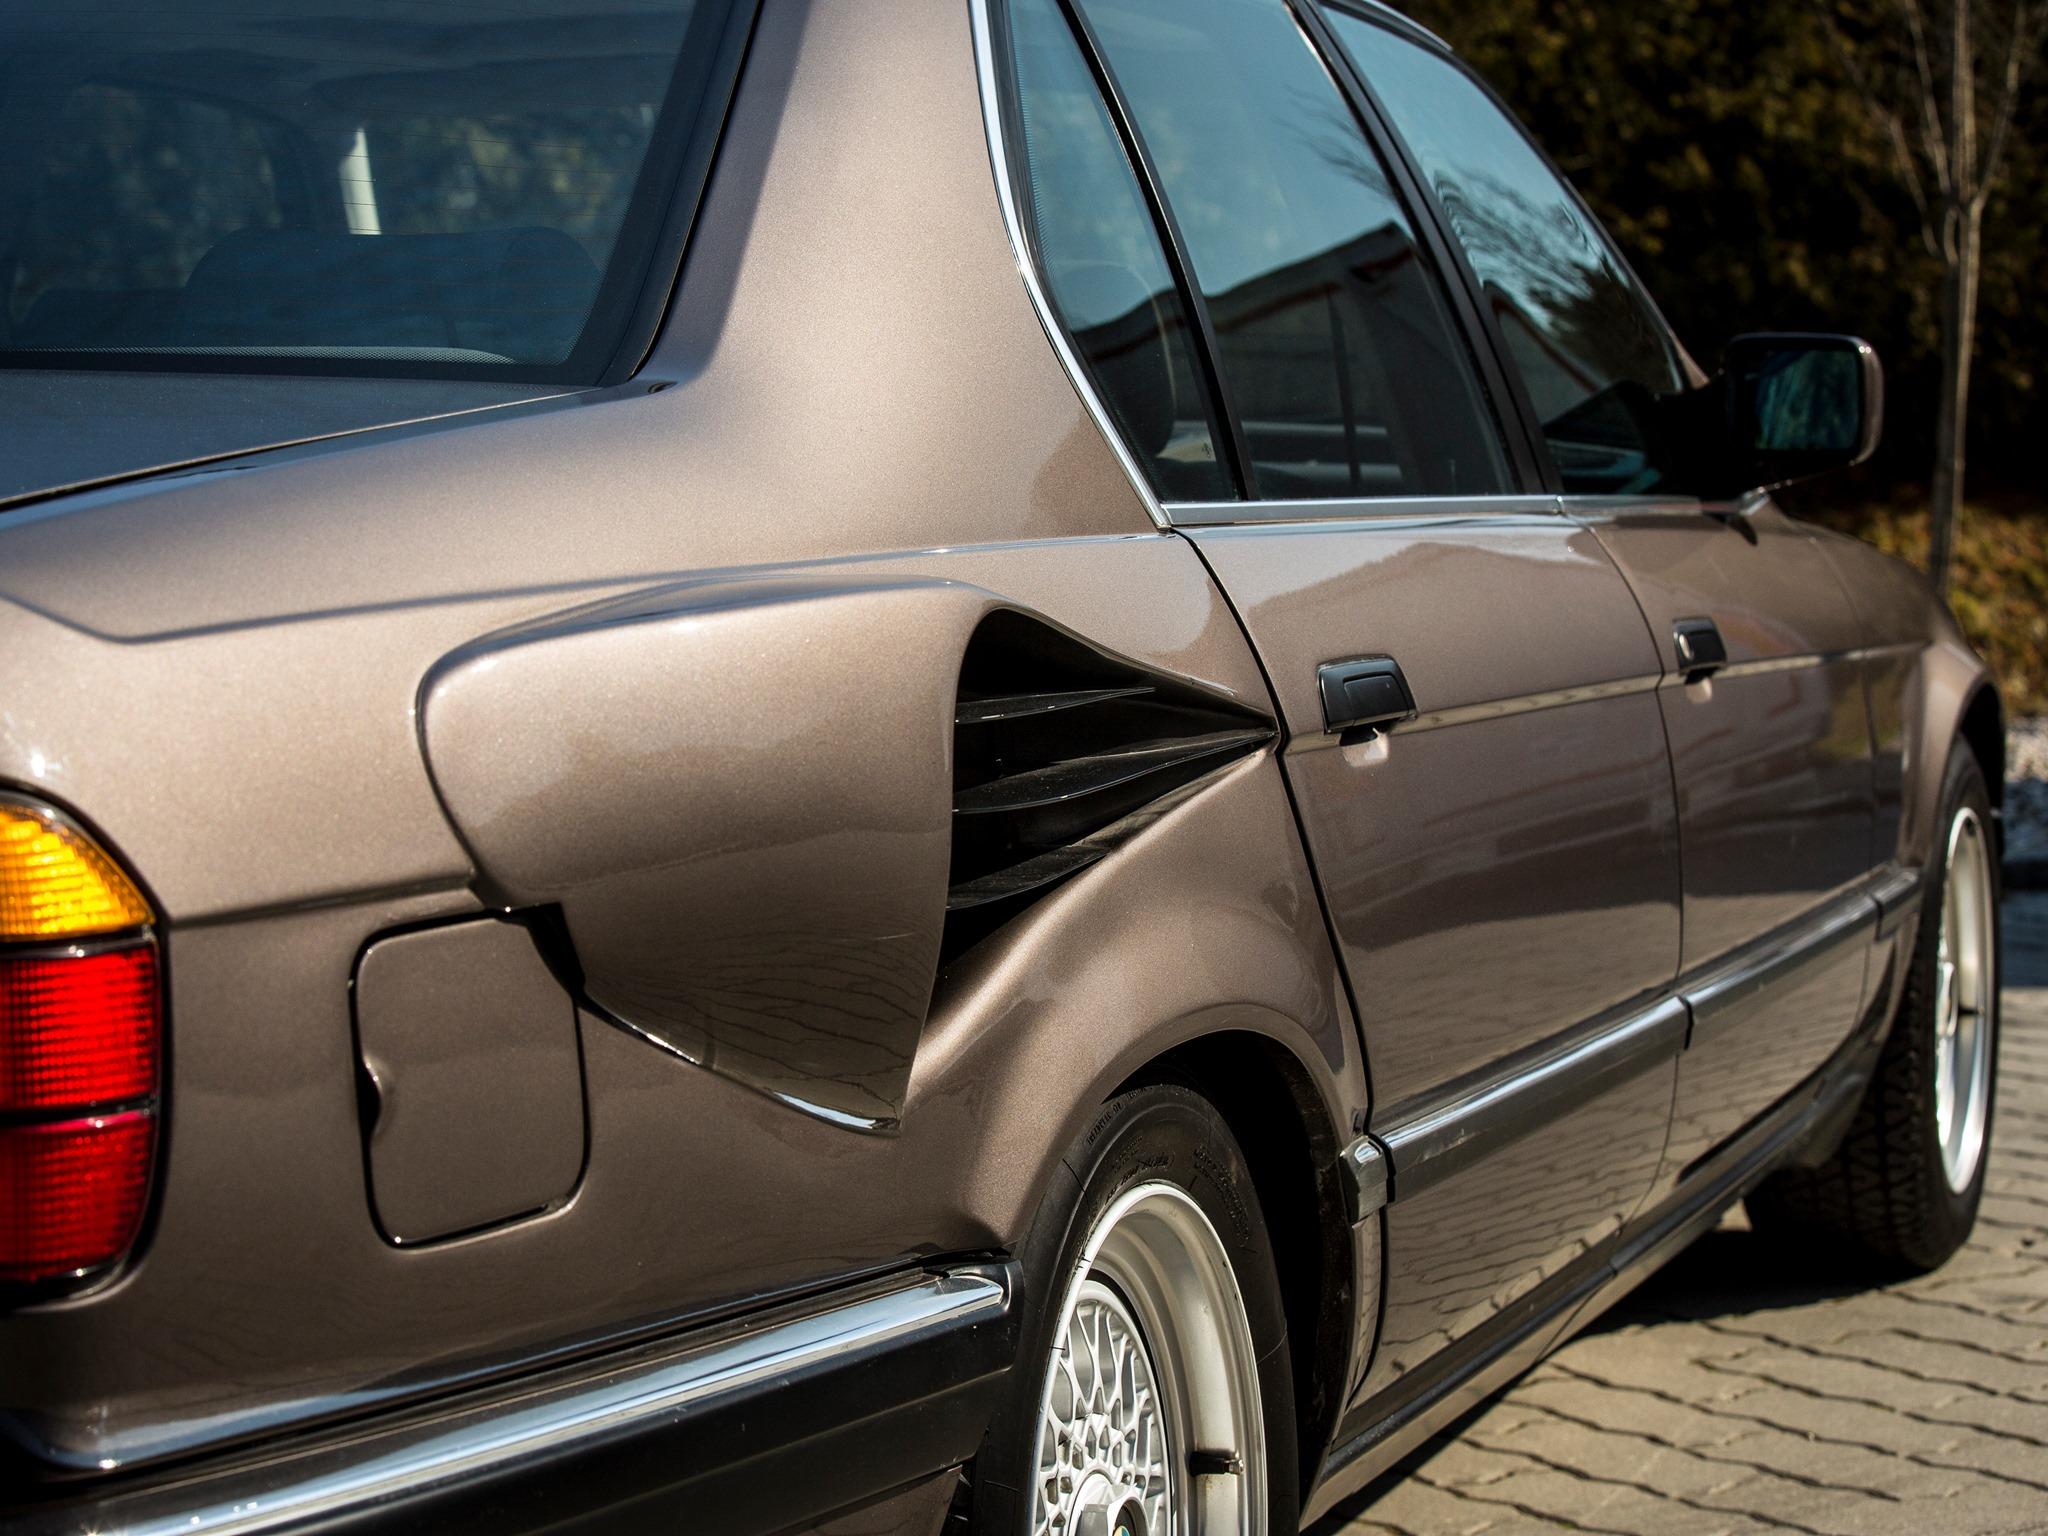 BMW-E32-7-Series-V16-4.jpg